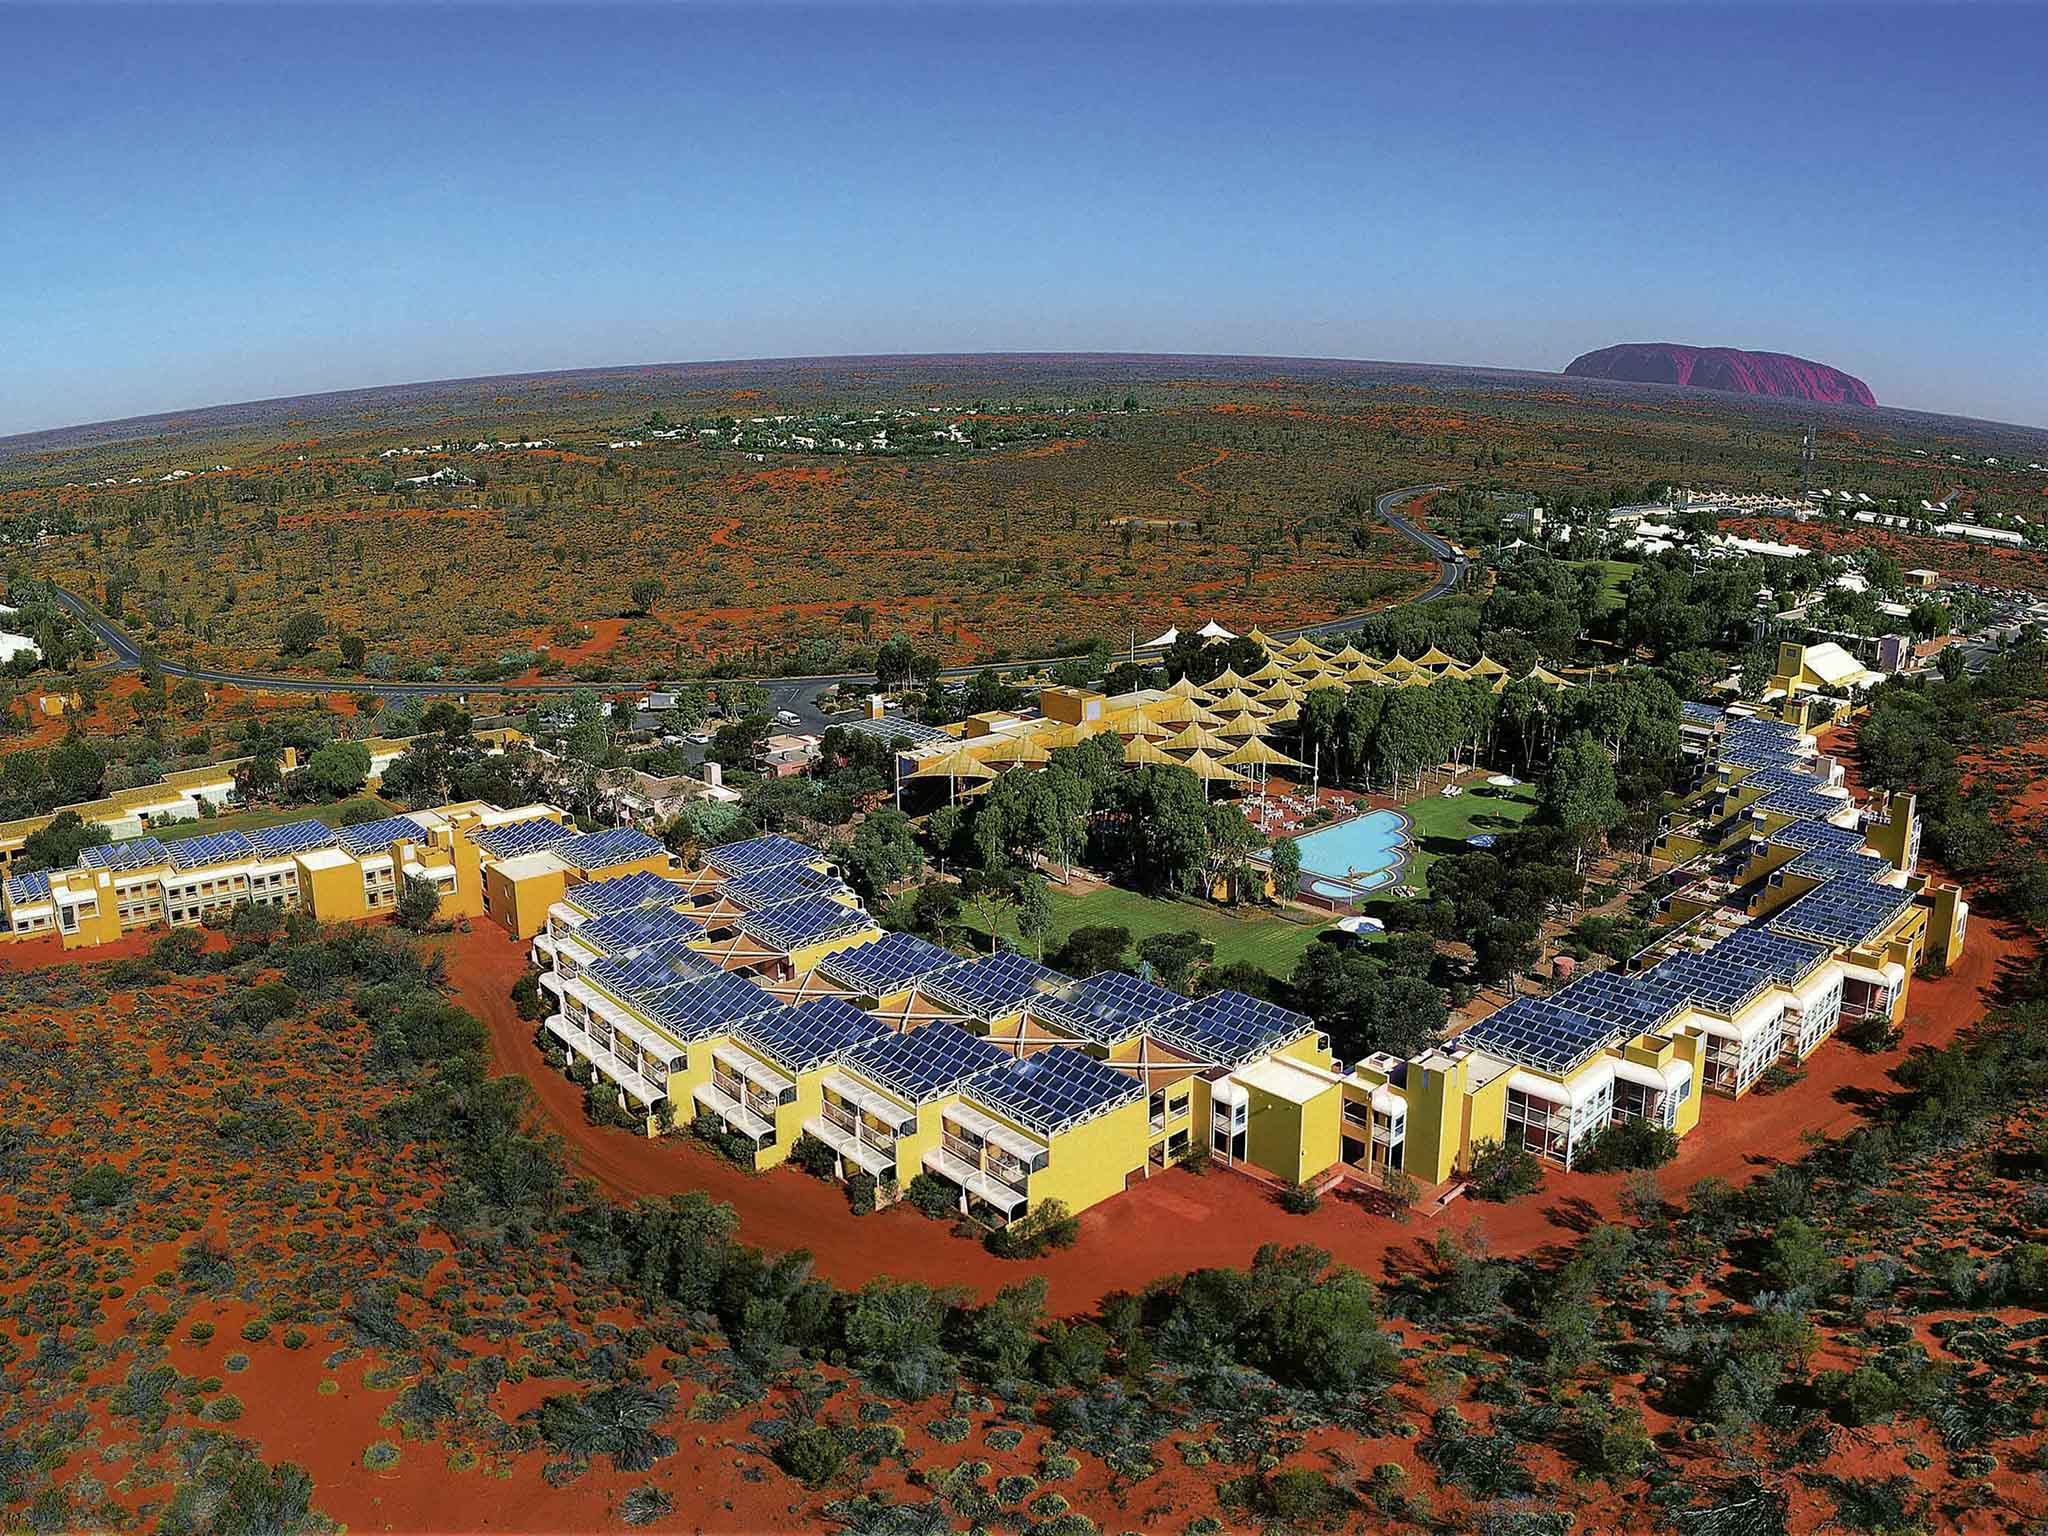 Otel – Desert Gardens - A member of Novotel Hotels